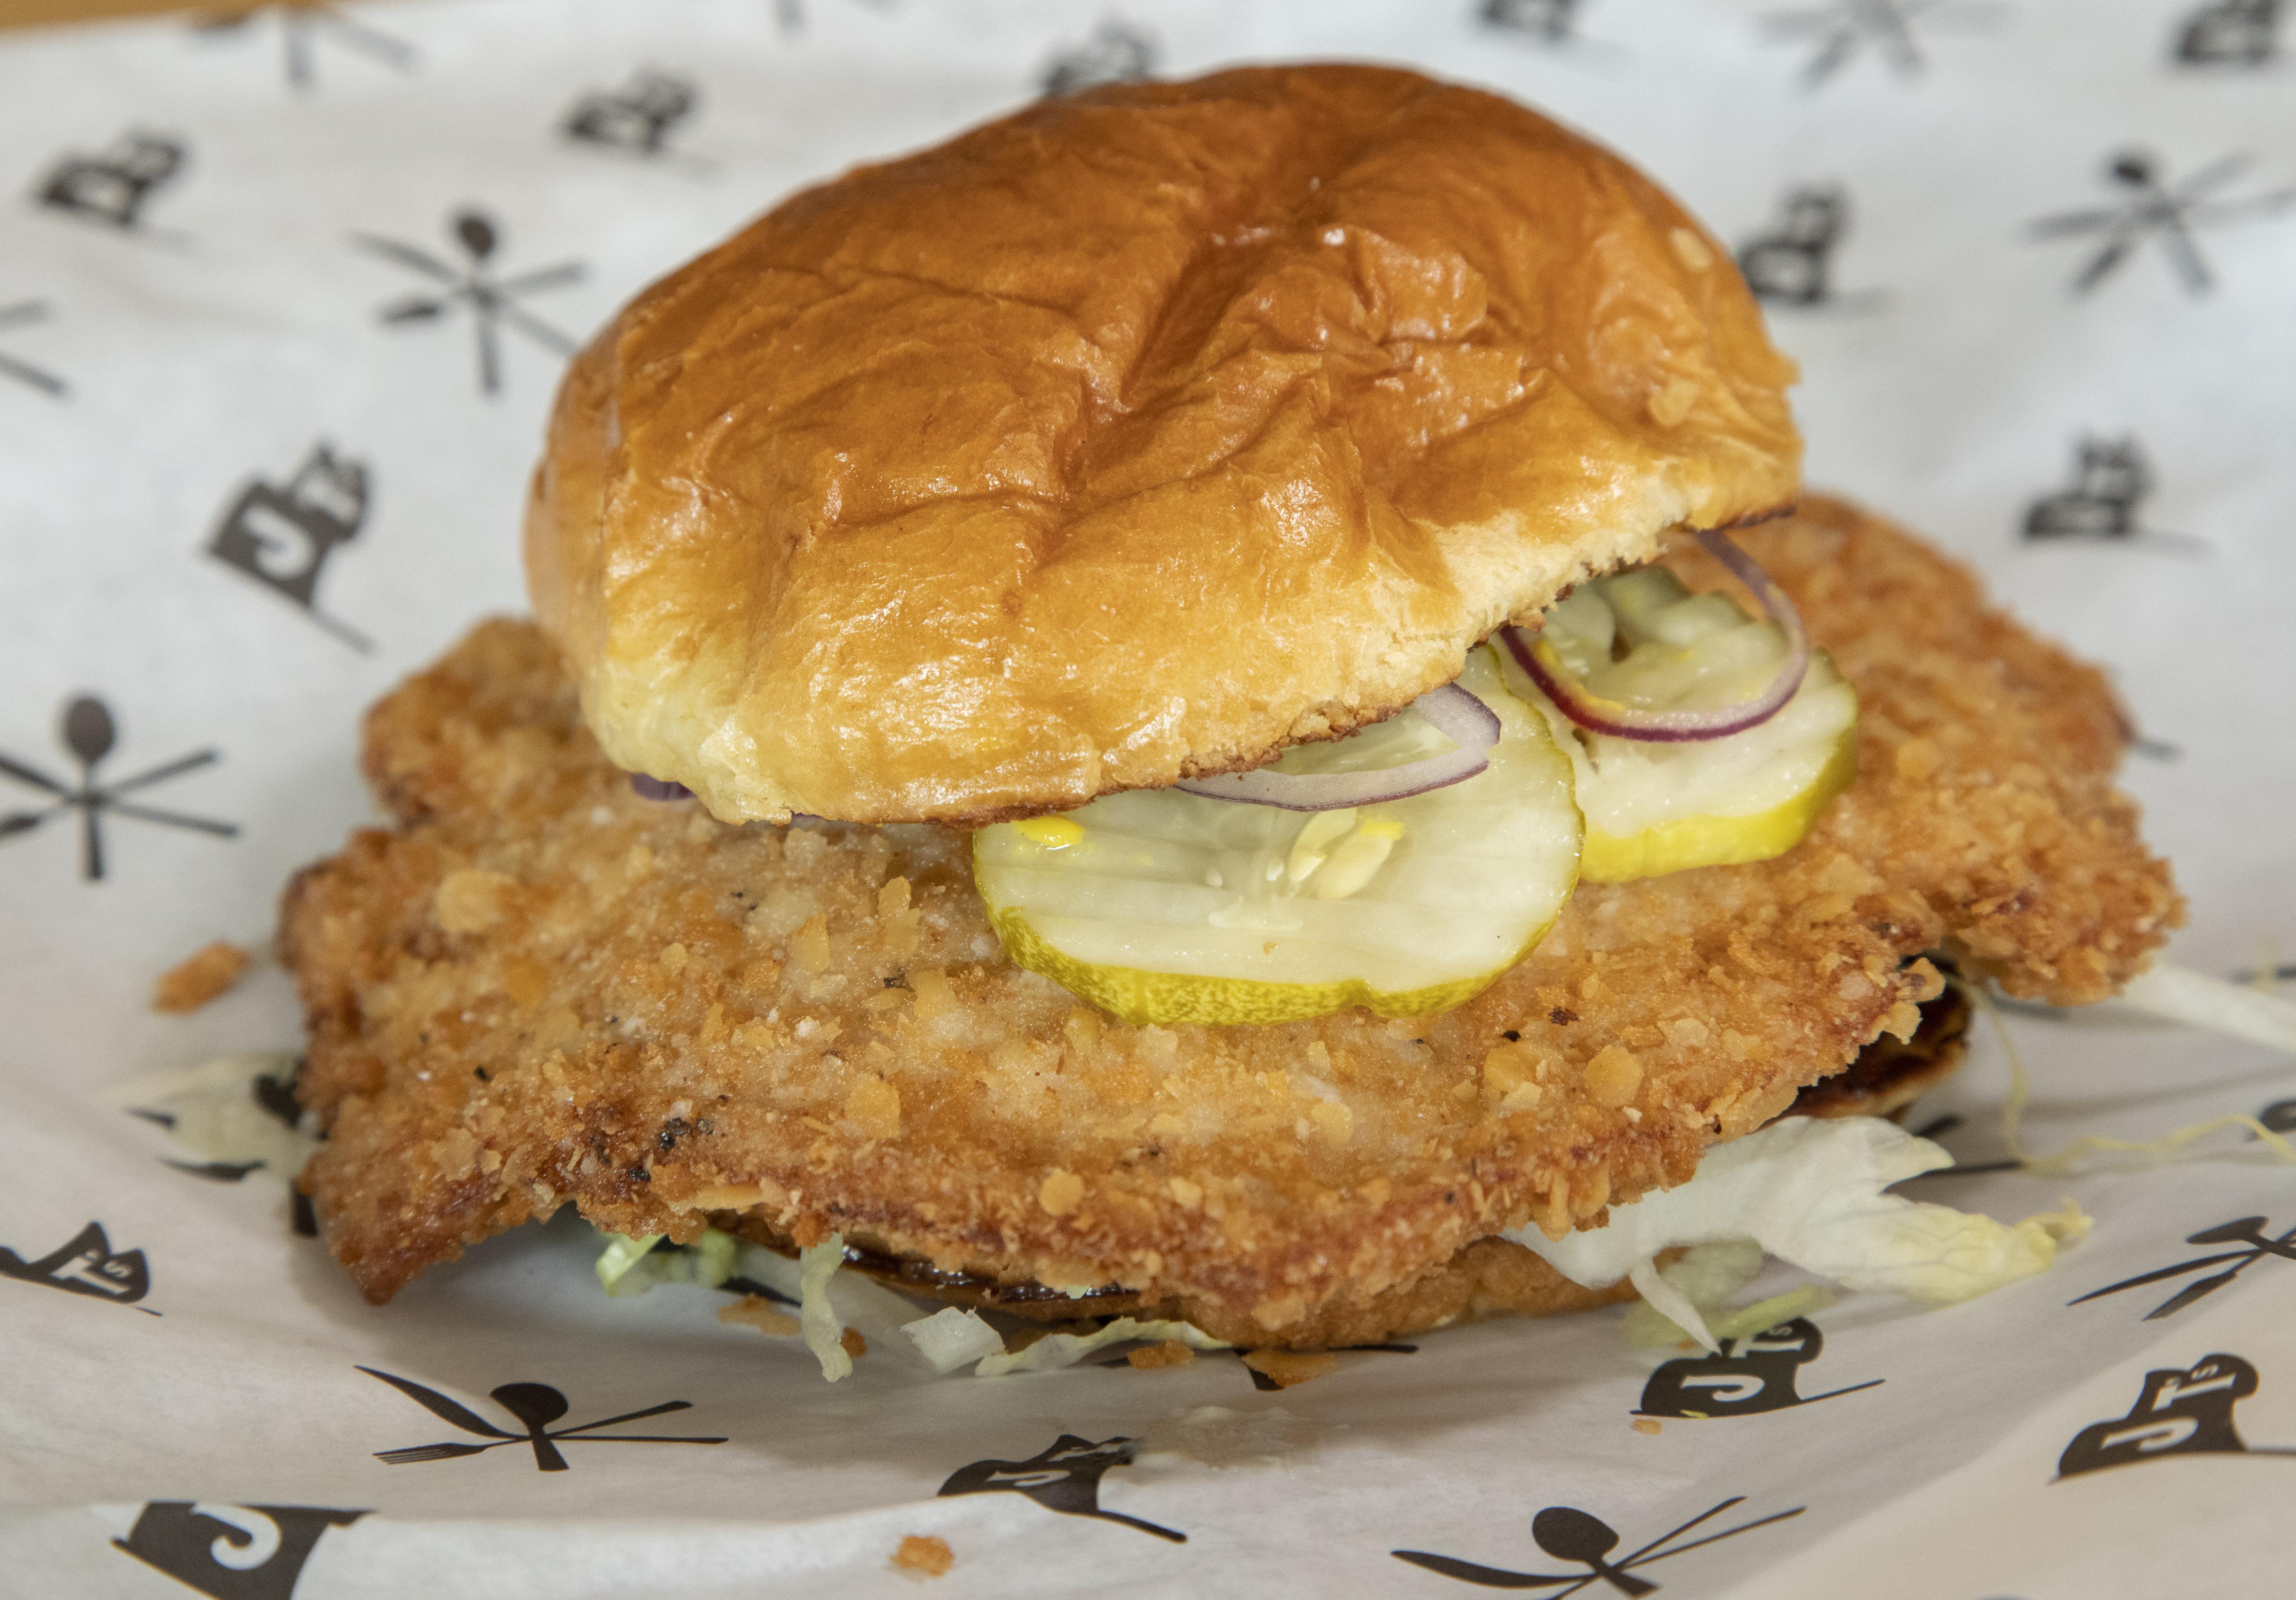 The breaded pork tenderloin sandwich at J.T.'s Genuine Sandwich Shop.